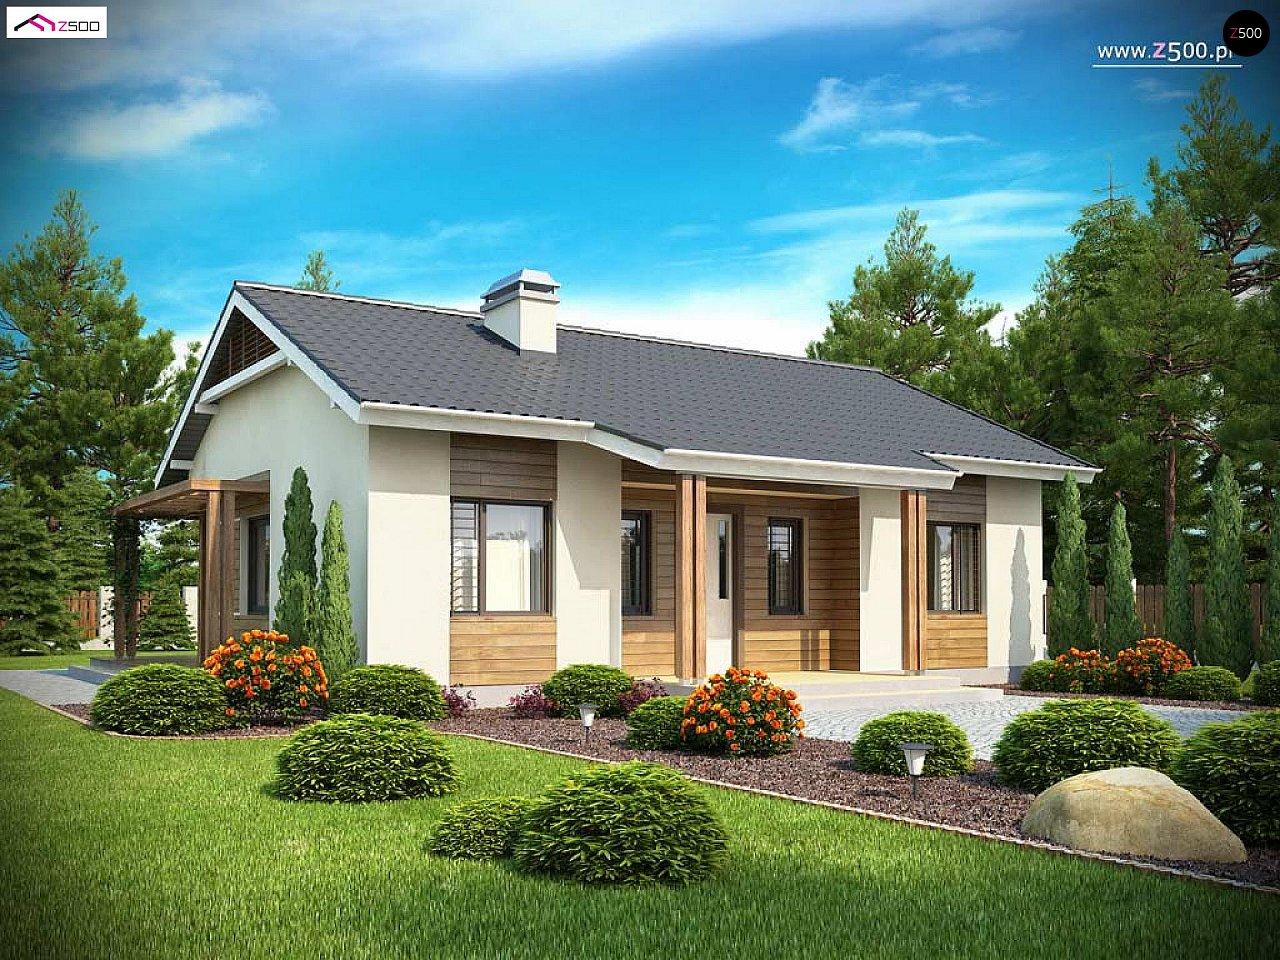 Проект одноэтажного дома с приятным дизайном 3